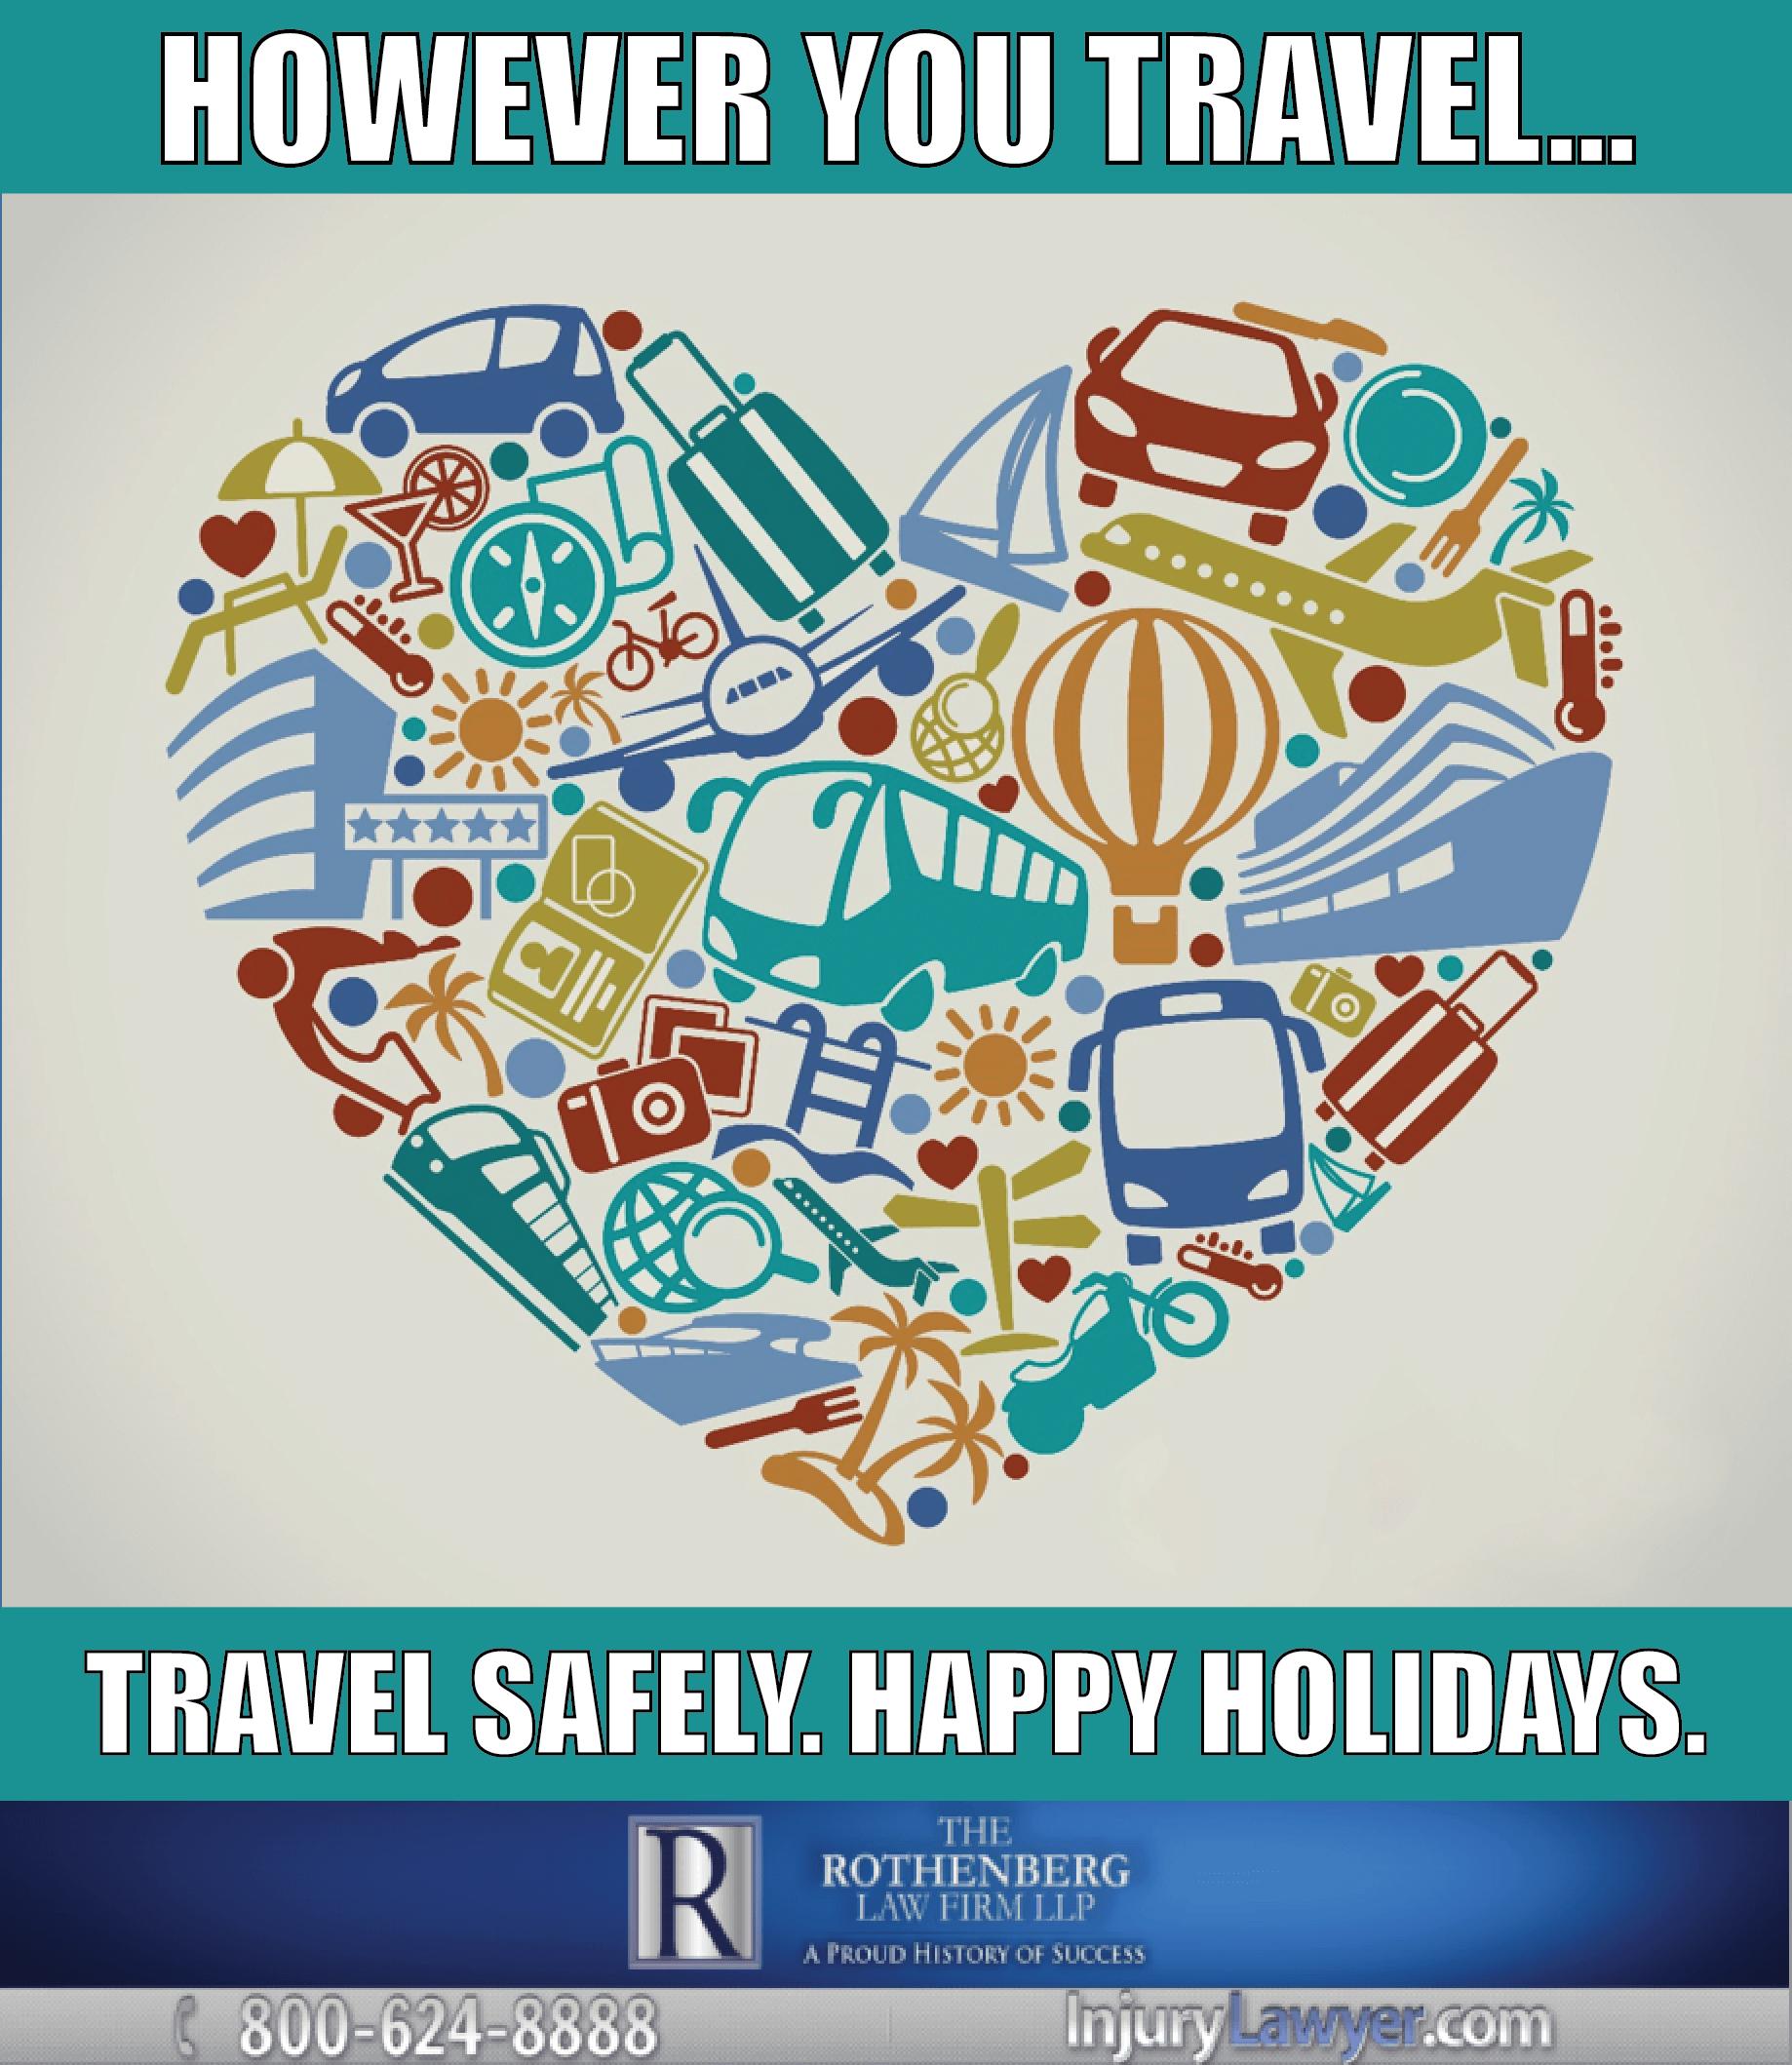 Travel safely meme